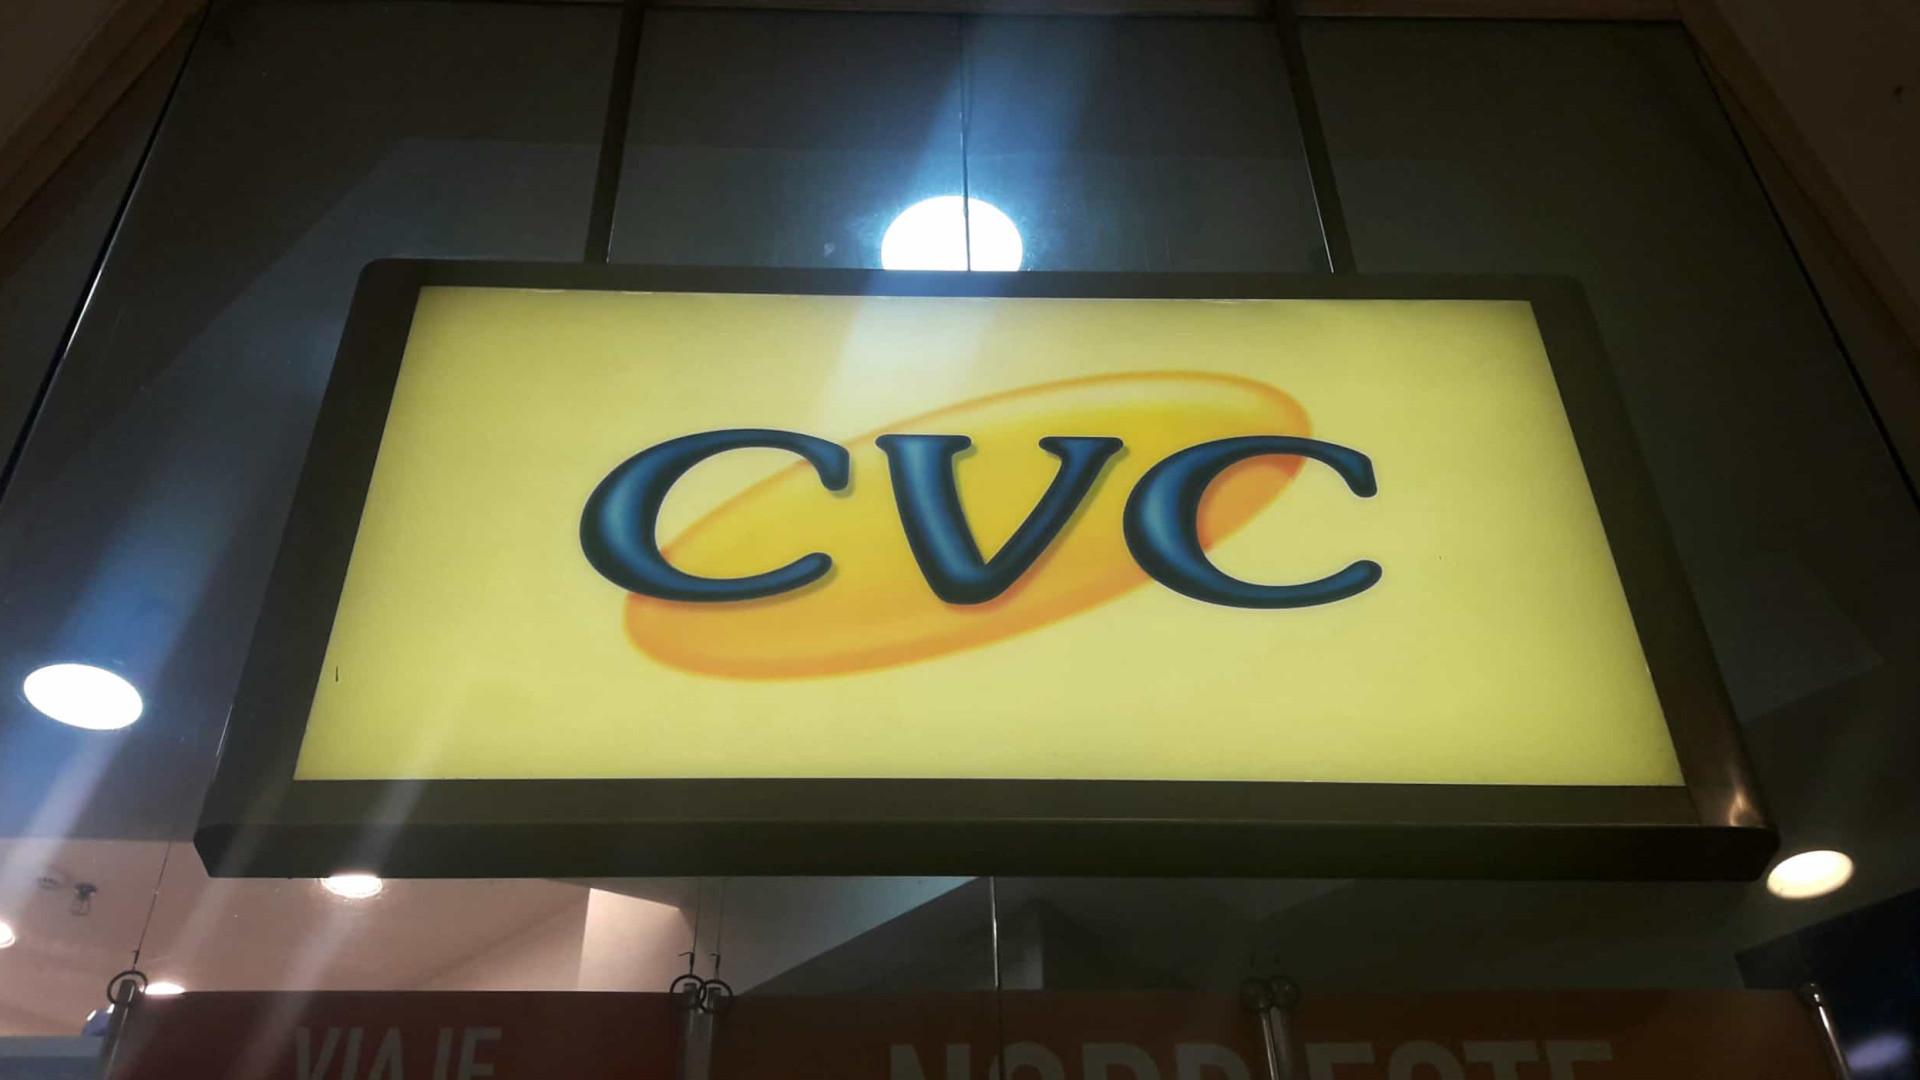 Após ataque hacker, CVC restaura sistemas e retoma operações nesta quinta-feira